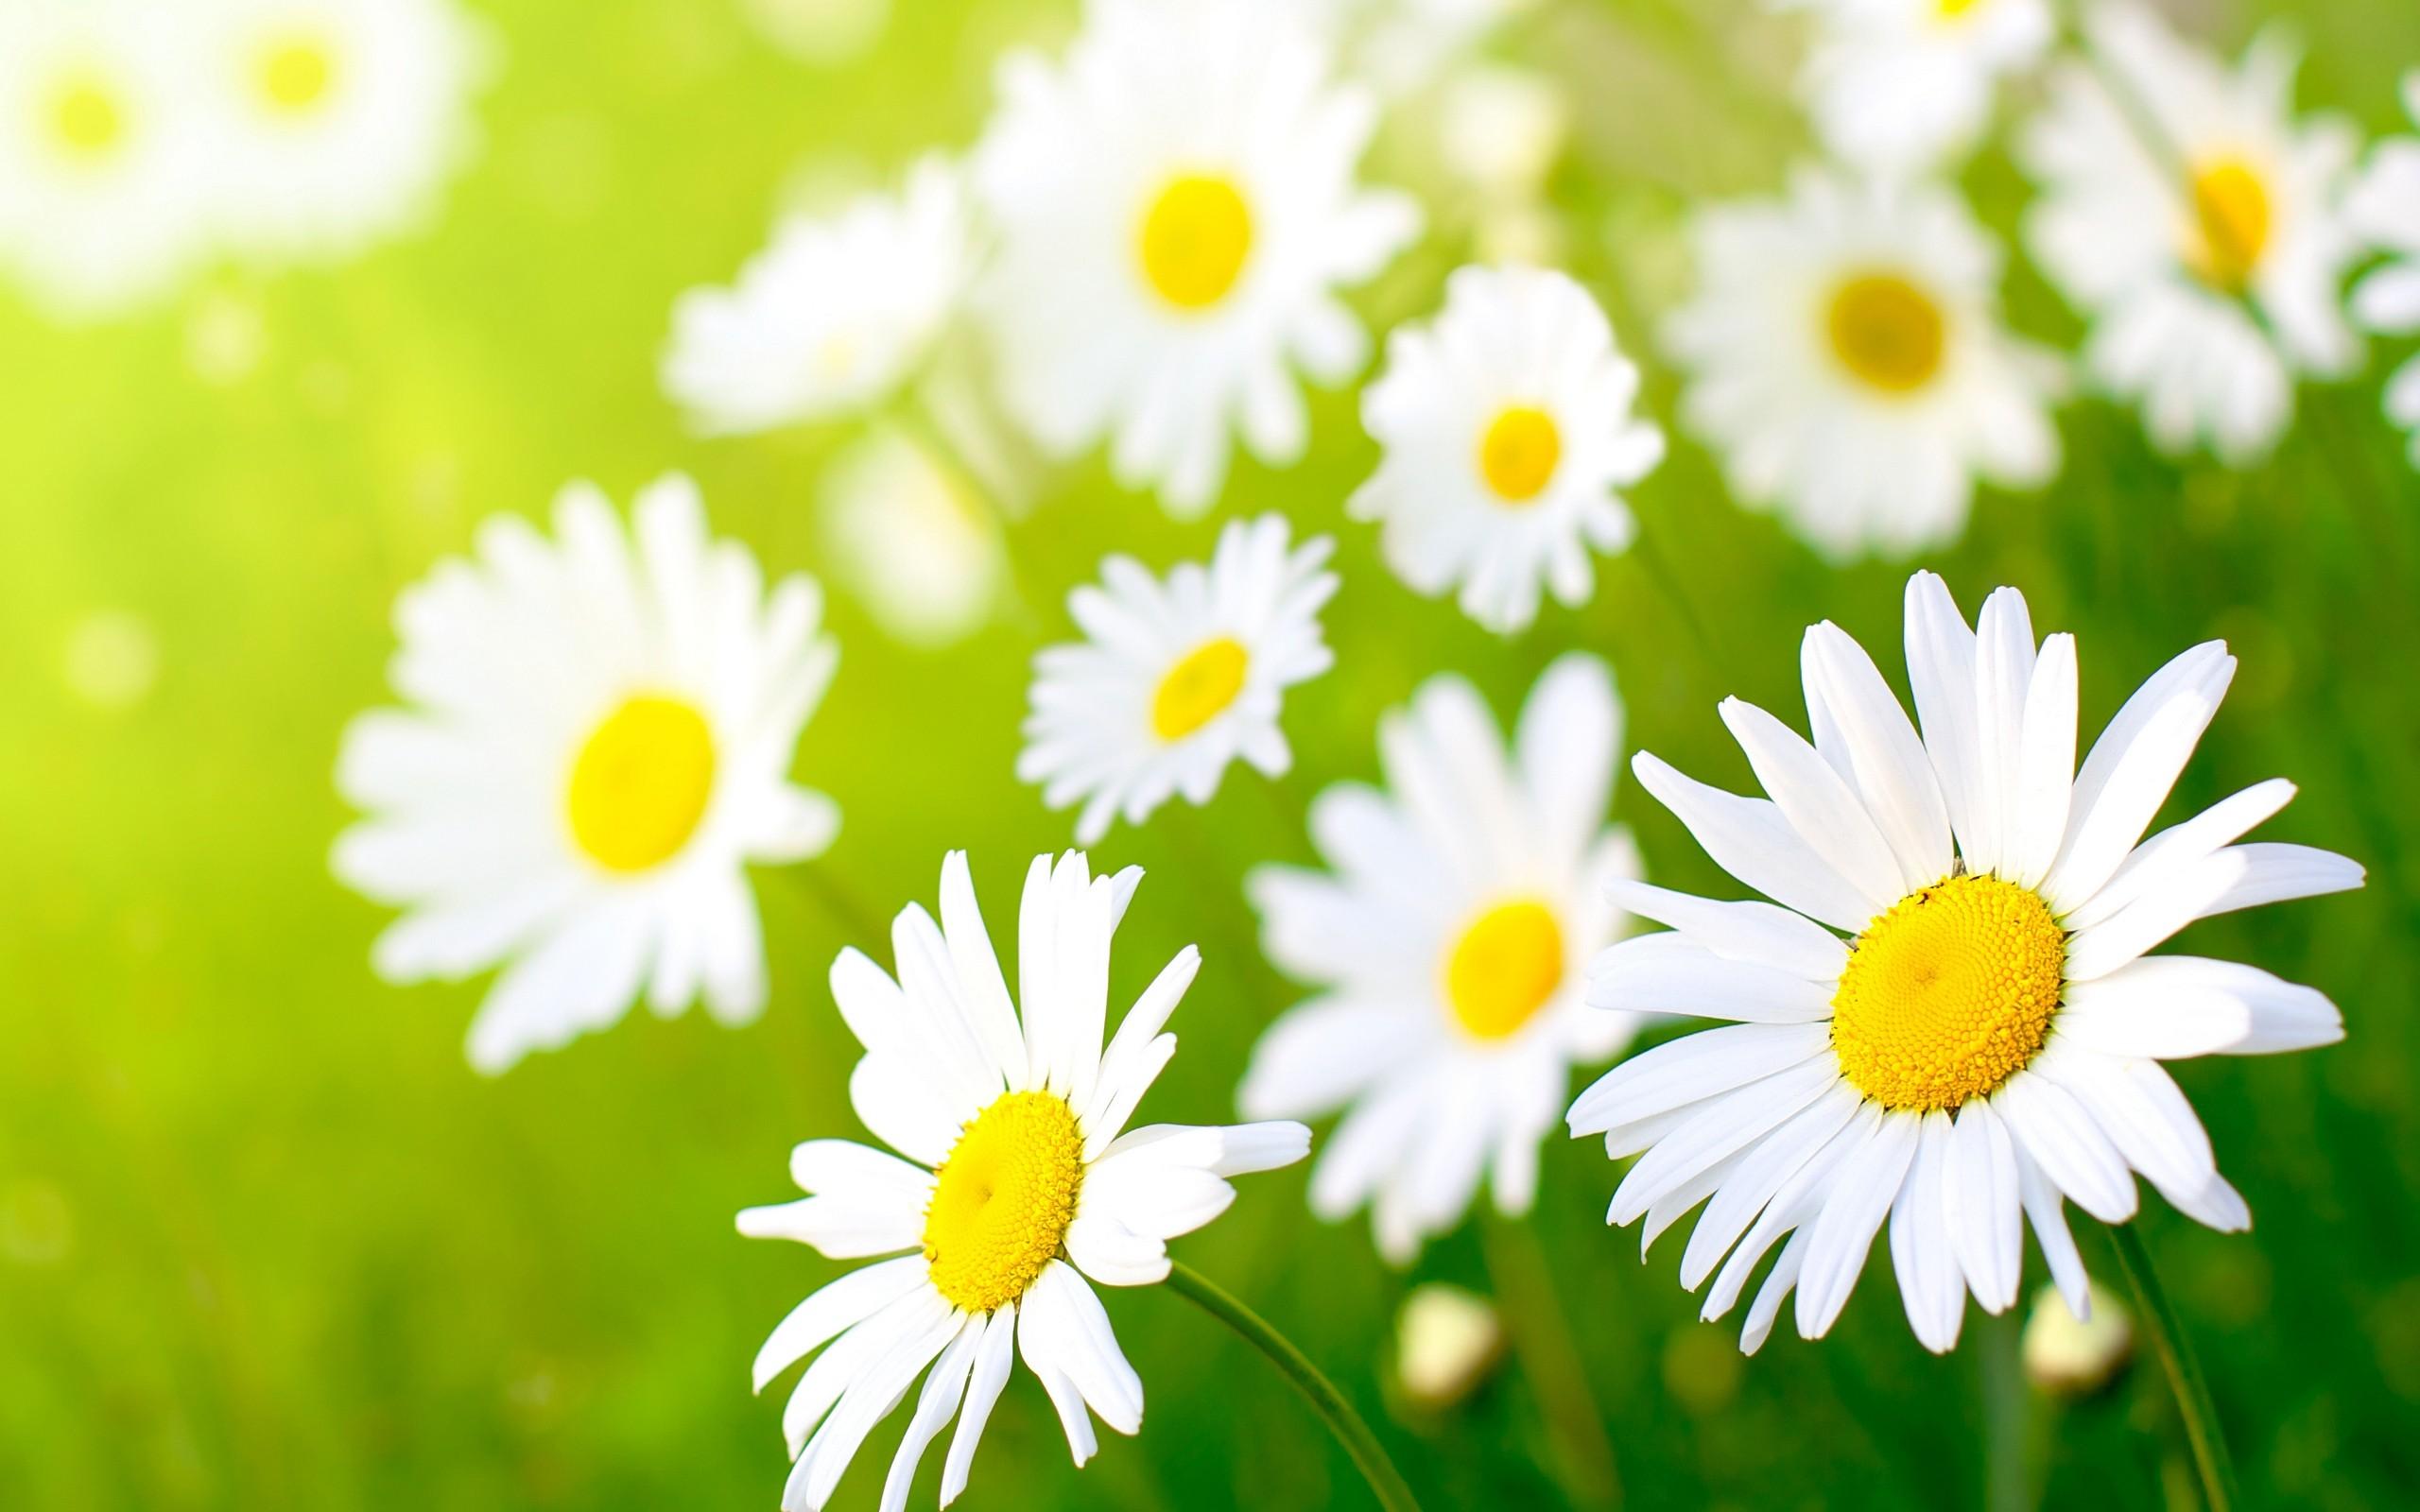 Beautiful daisy flowers instamoz photo sharing priyankadhariwal izmirmasajfo Choice Image